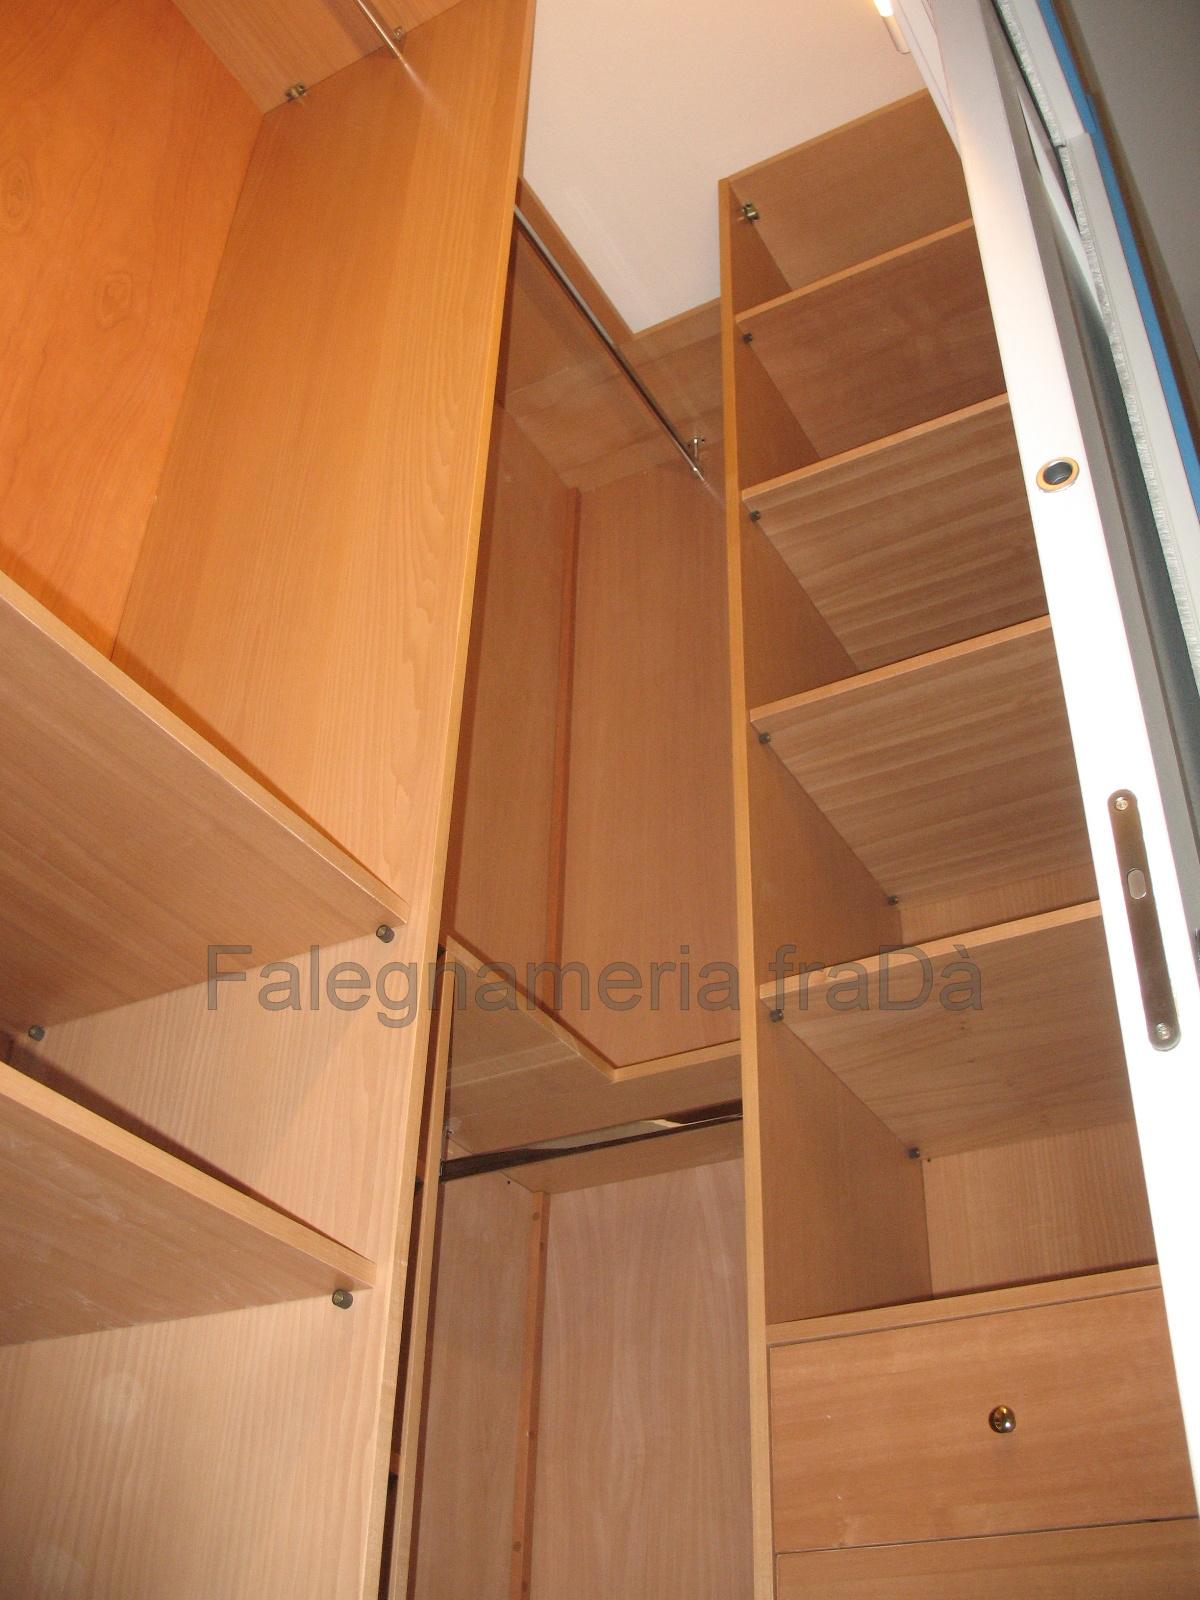 Cabina armadio interno falegnameria frad falegname a - Armadio interno ...